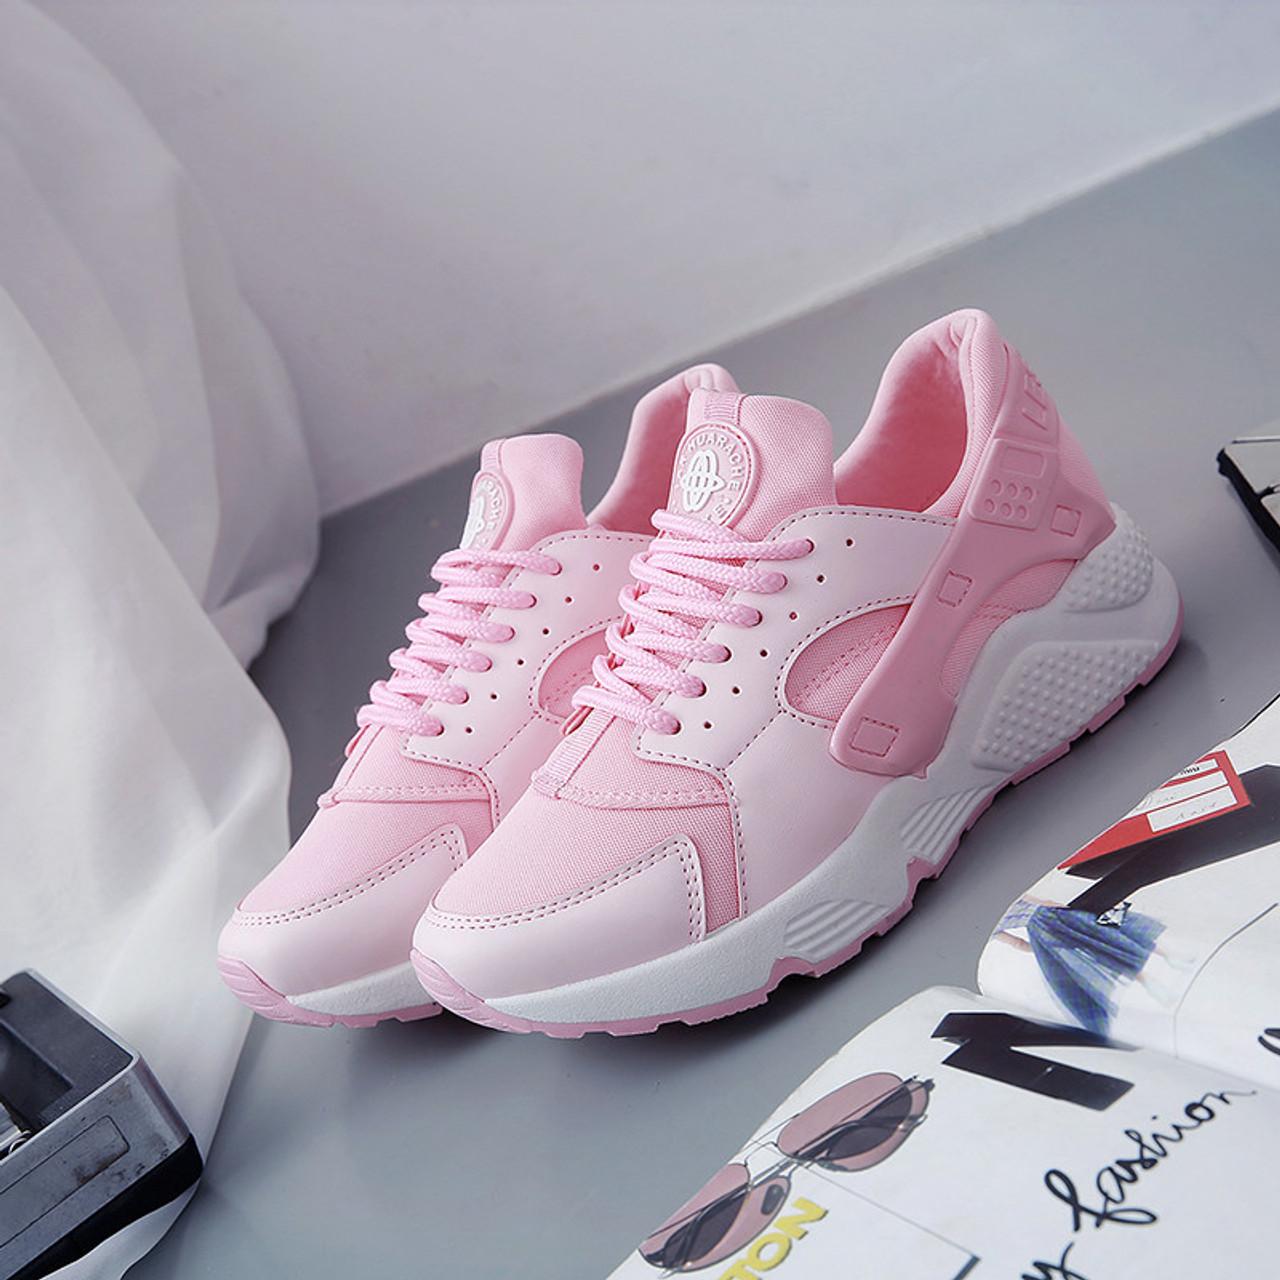 ... JYRhenium new 2018 Sport Shoes Woman Air Cushion Running Shoes for Women  Outdoor Summer Sneakers Women ... e871cd2d010a